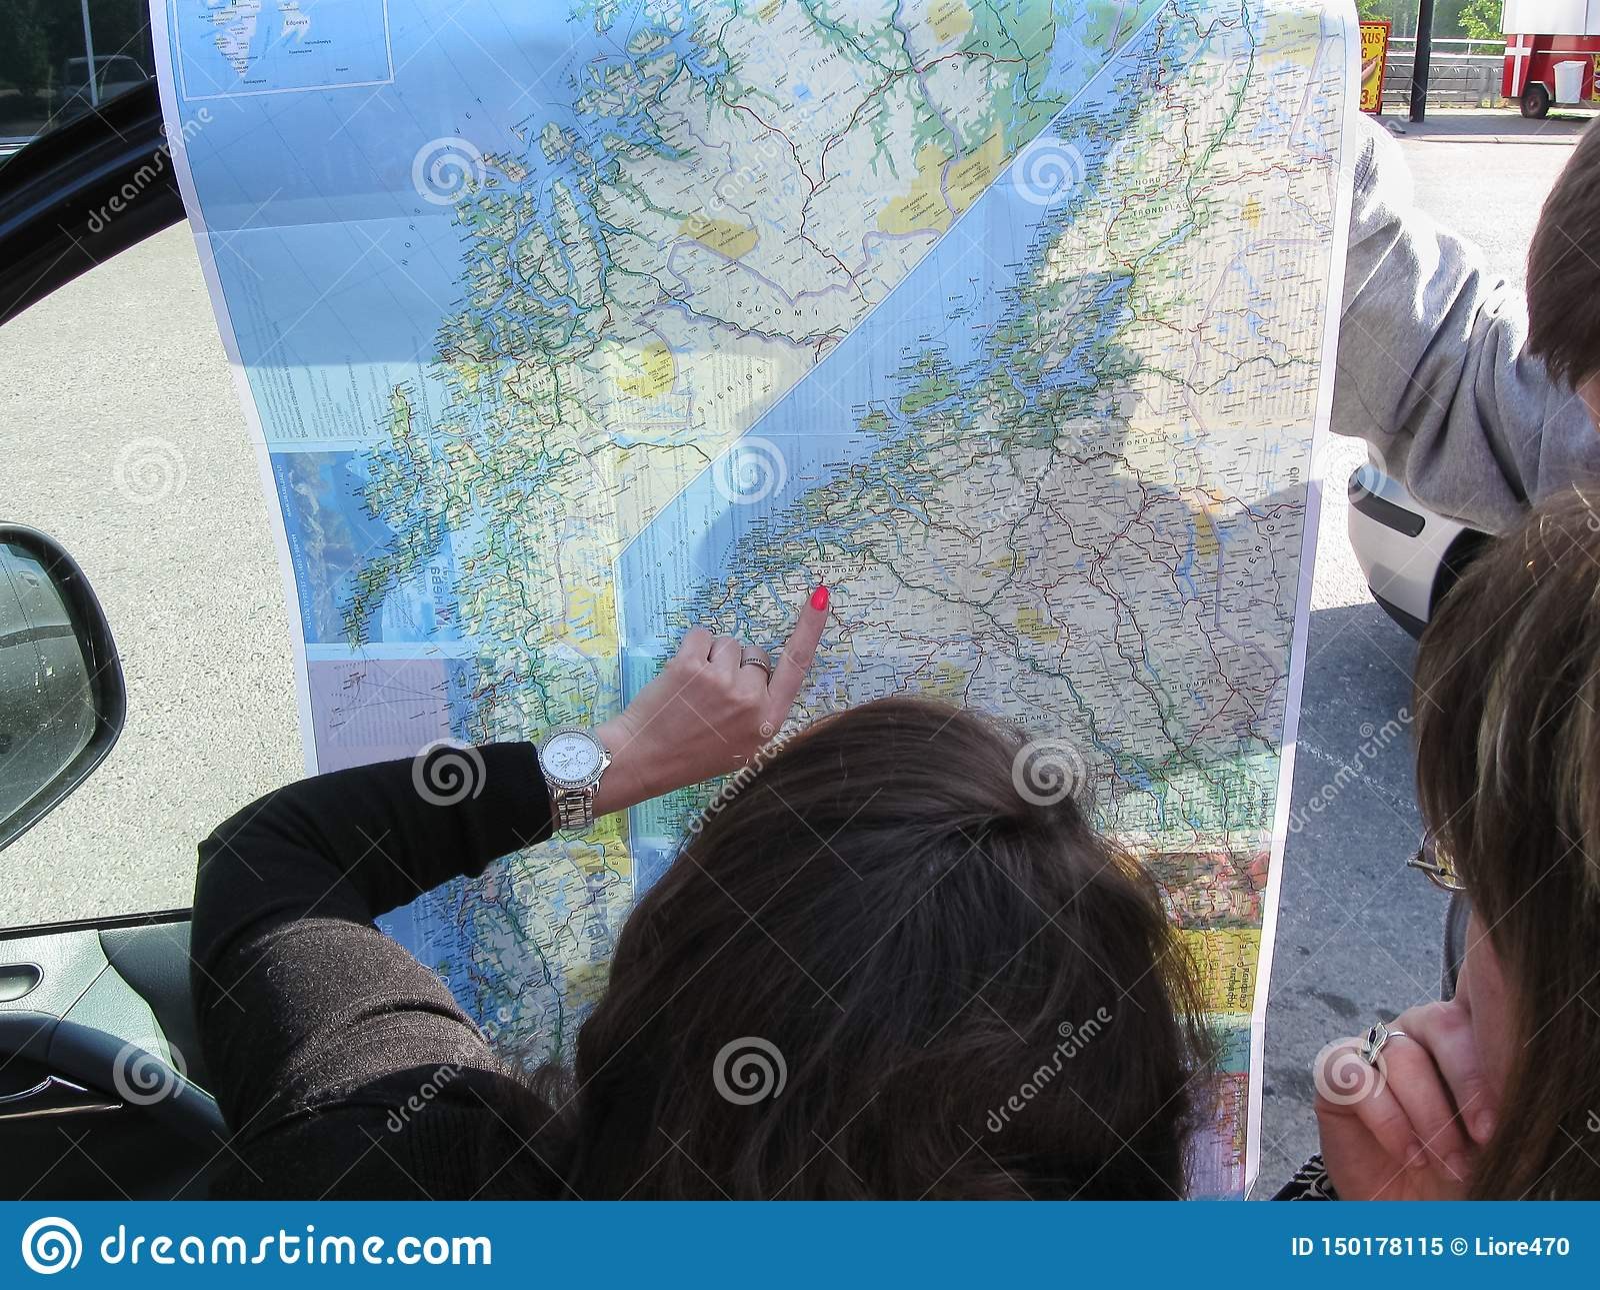 Helsinki, Finlandia - 11 06 2012: i turisti osservano la mappa e compongono l itinerario